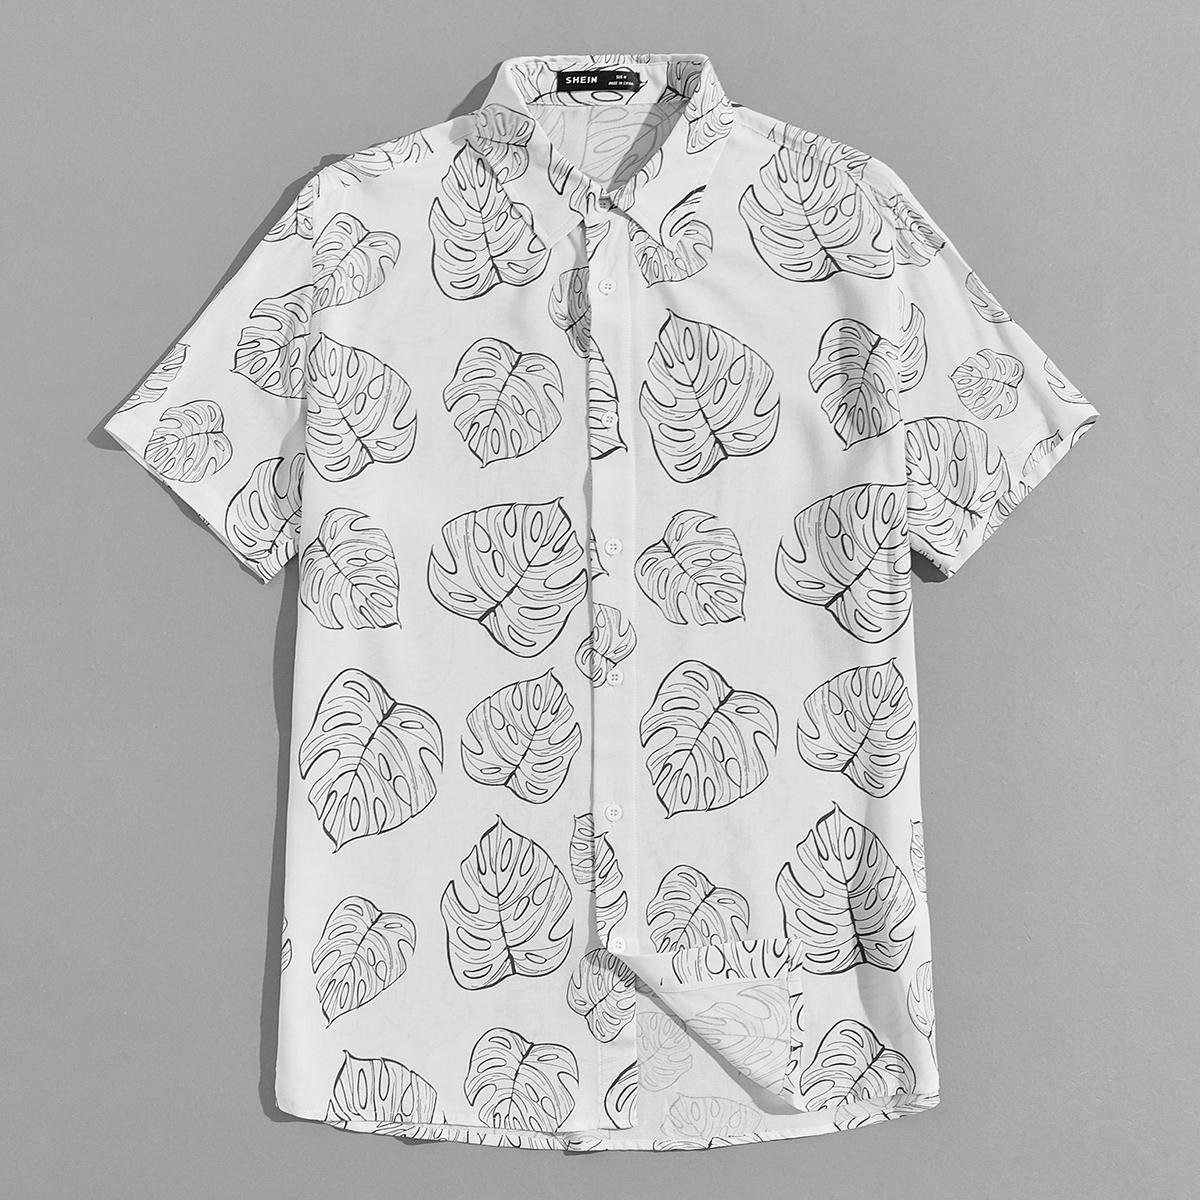 Мужской Рубашка с принтом листьев SheIn smshirt07210519651